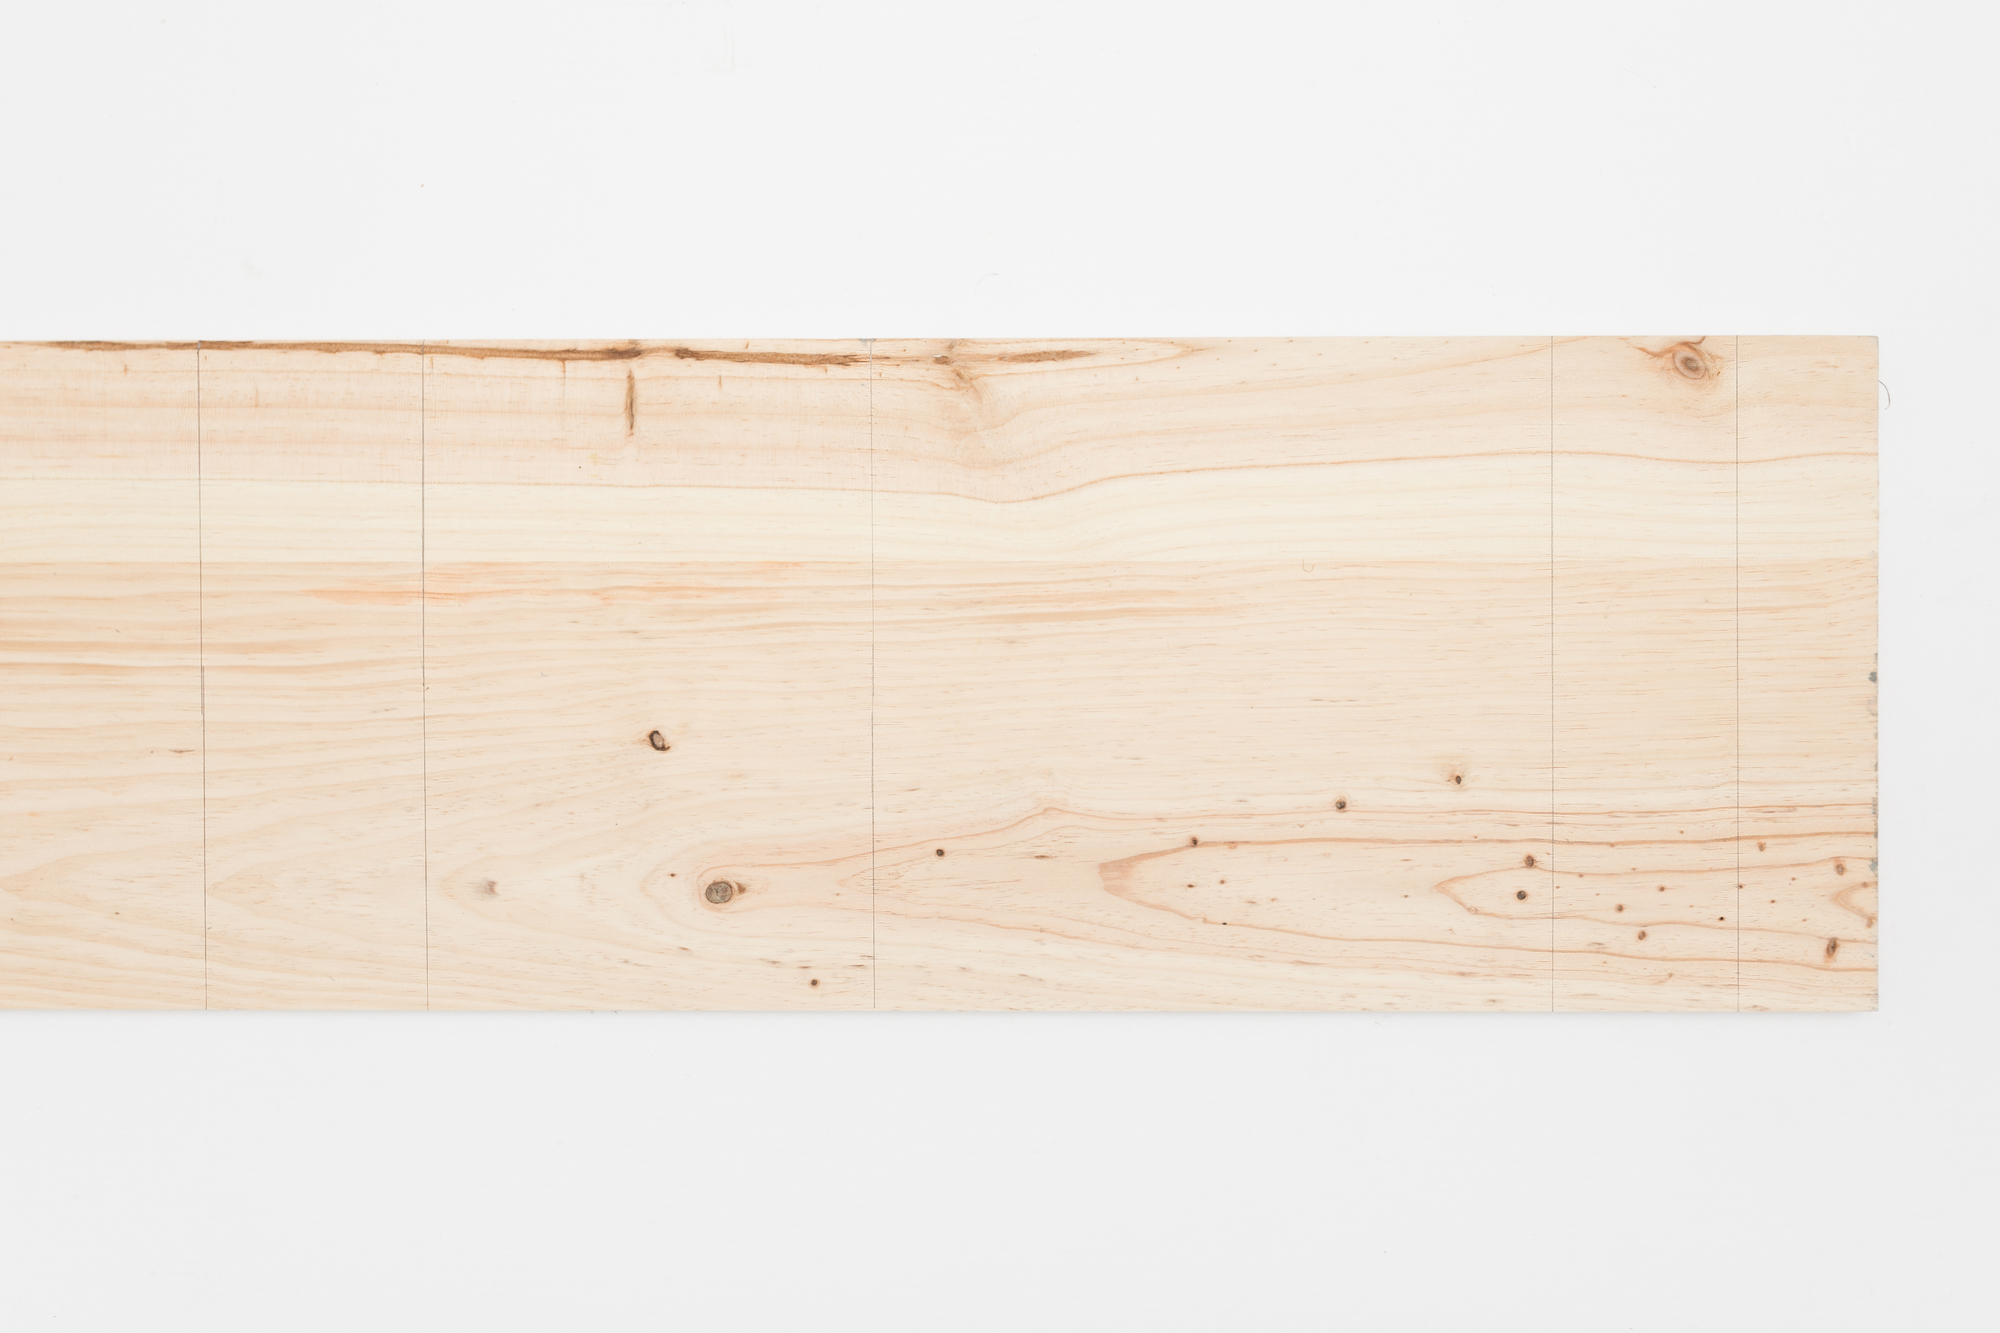 plateau-canape-diy-wood-4